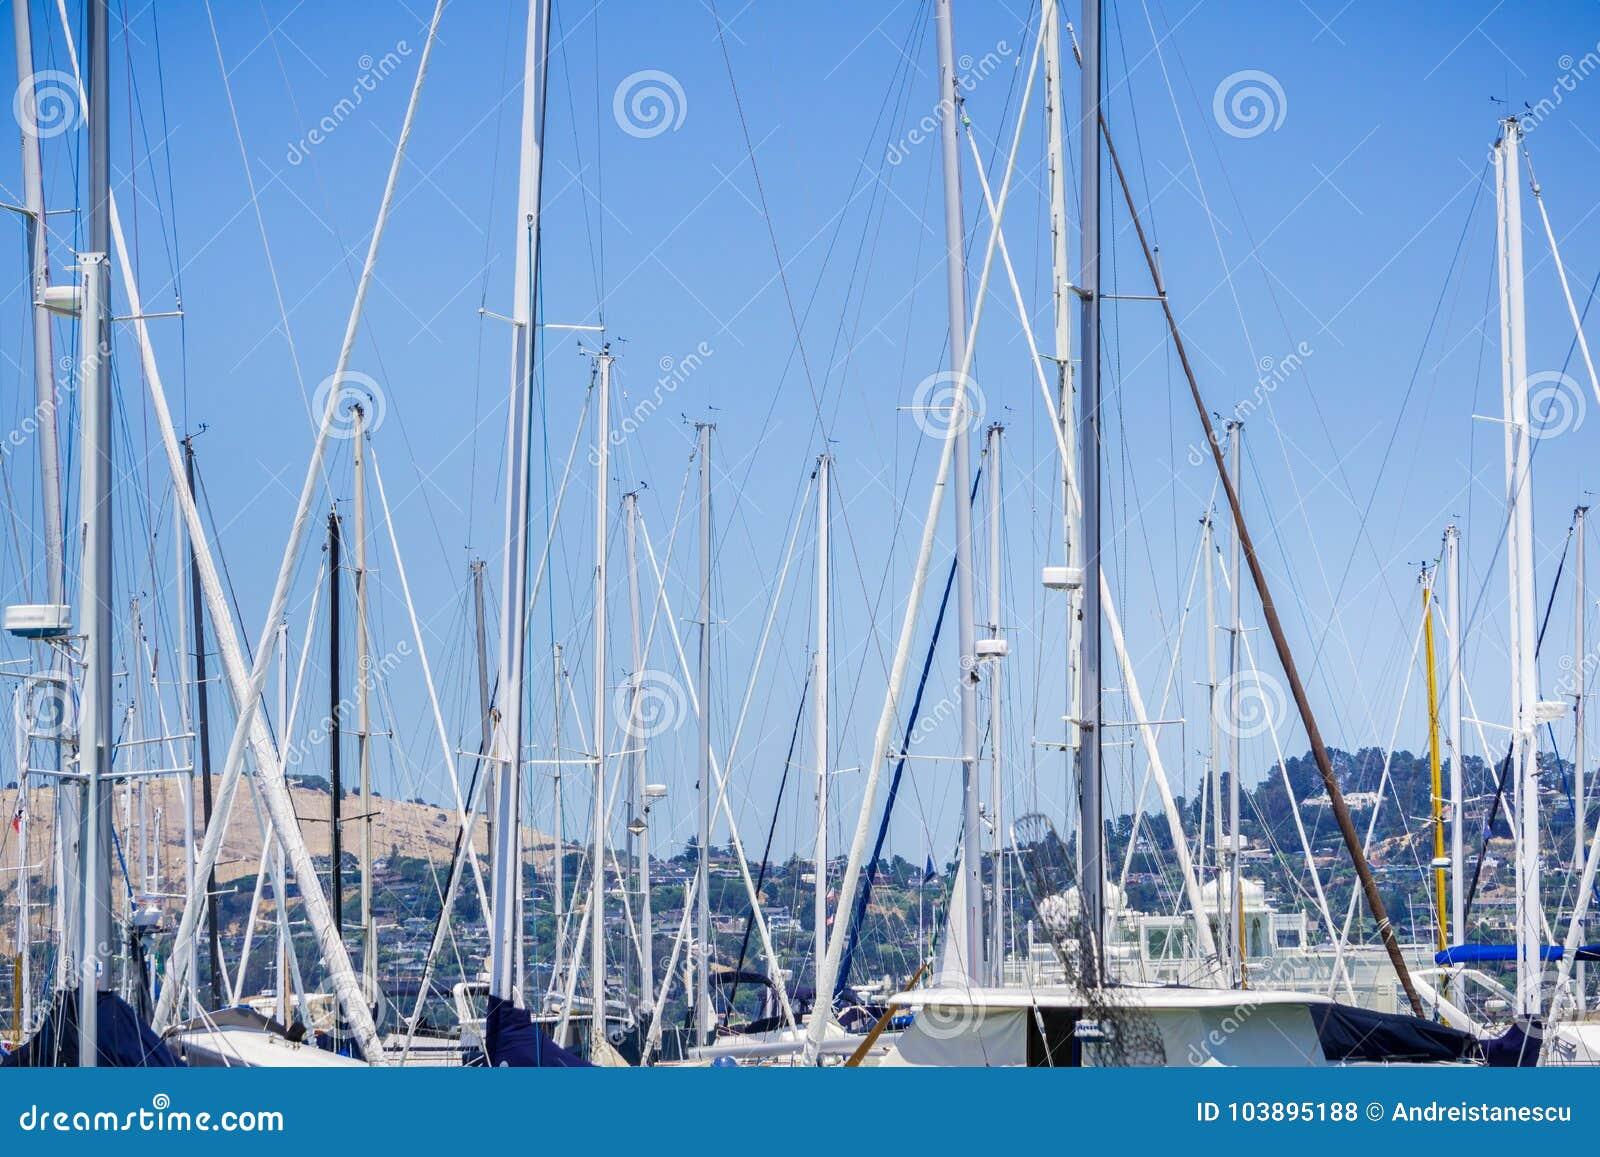 Ships moored in a marina, Sausalito, California